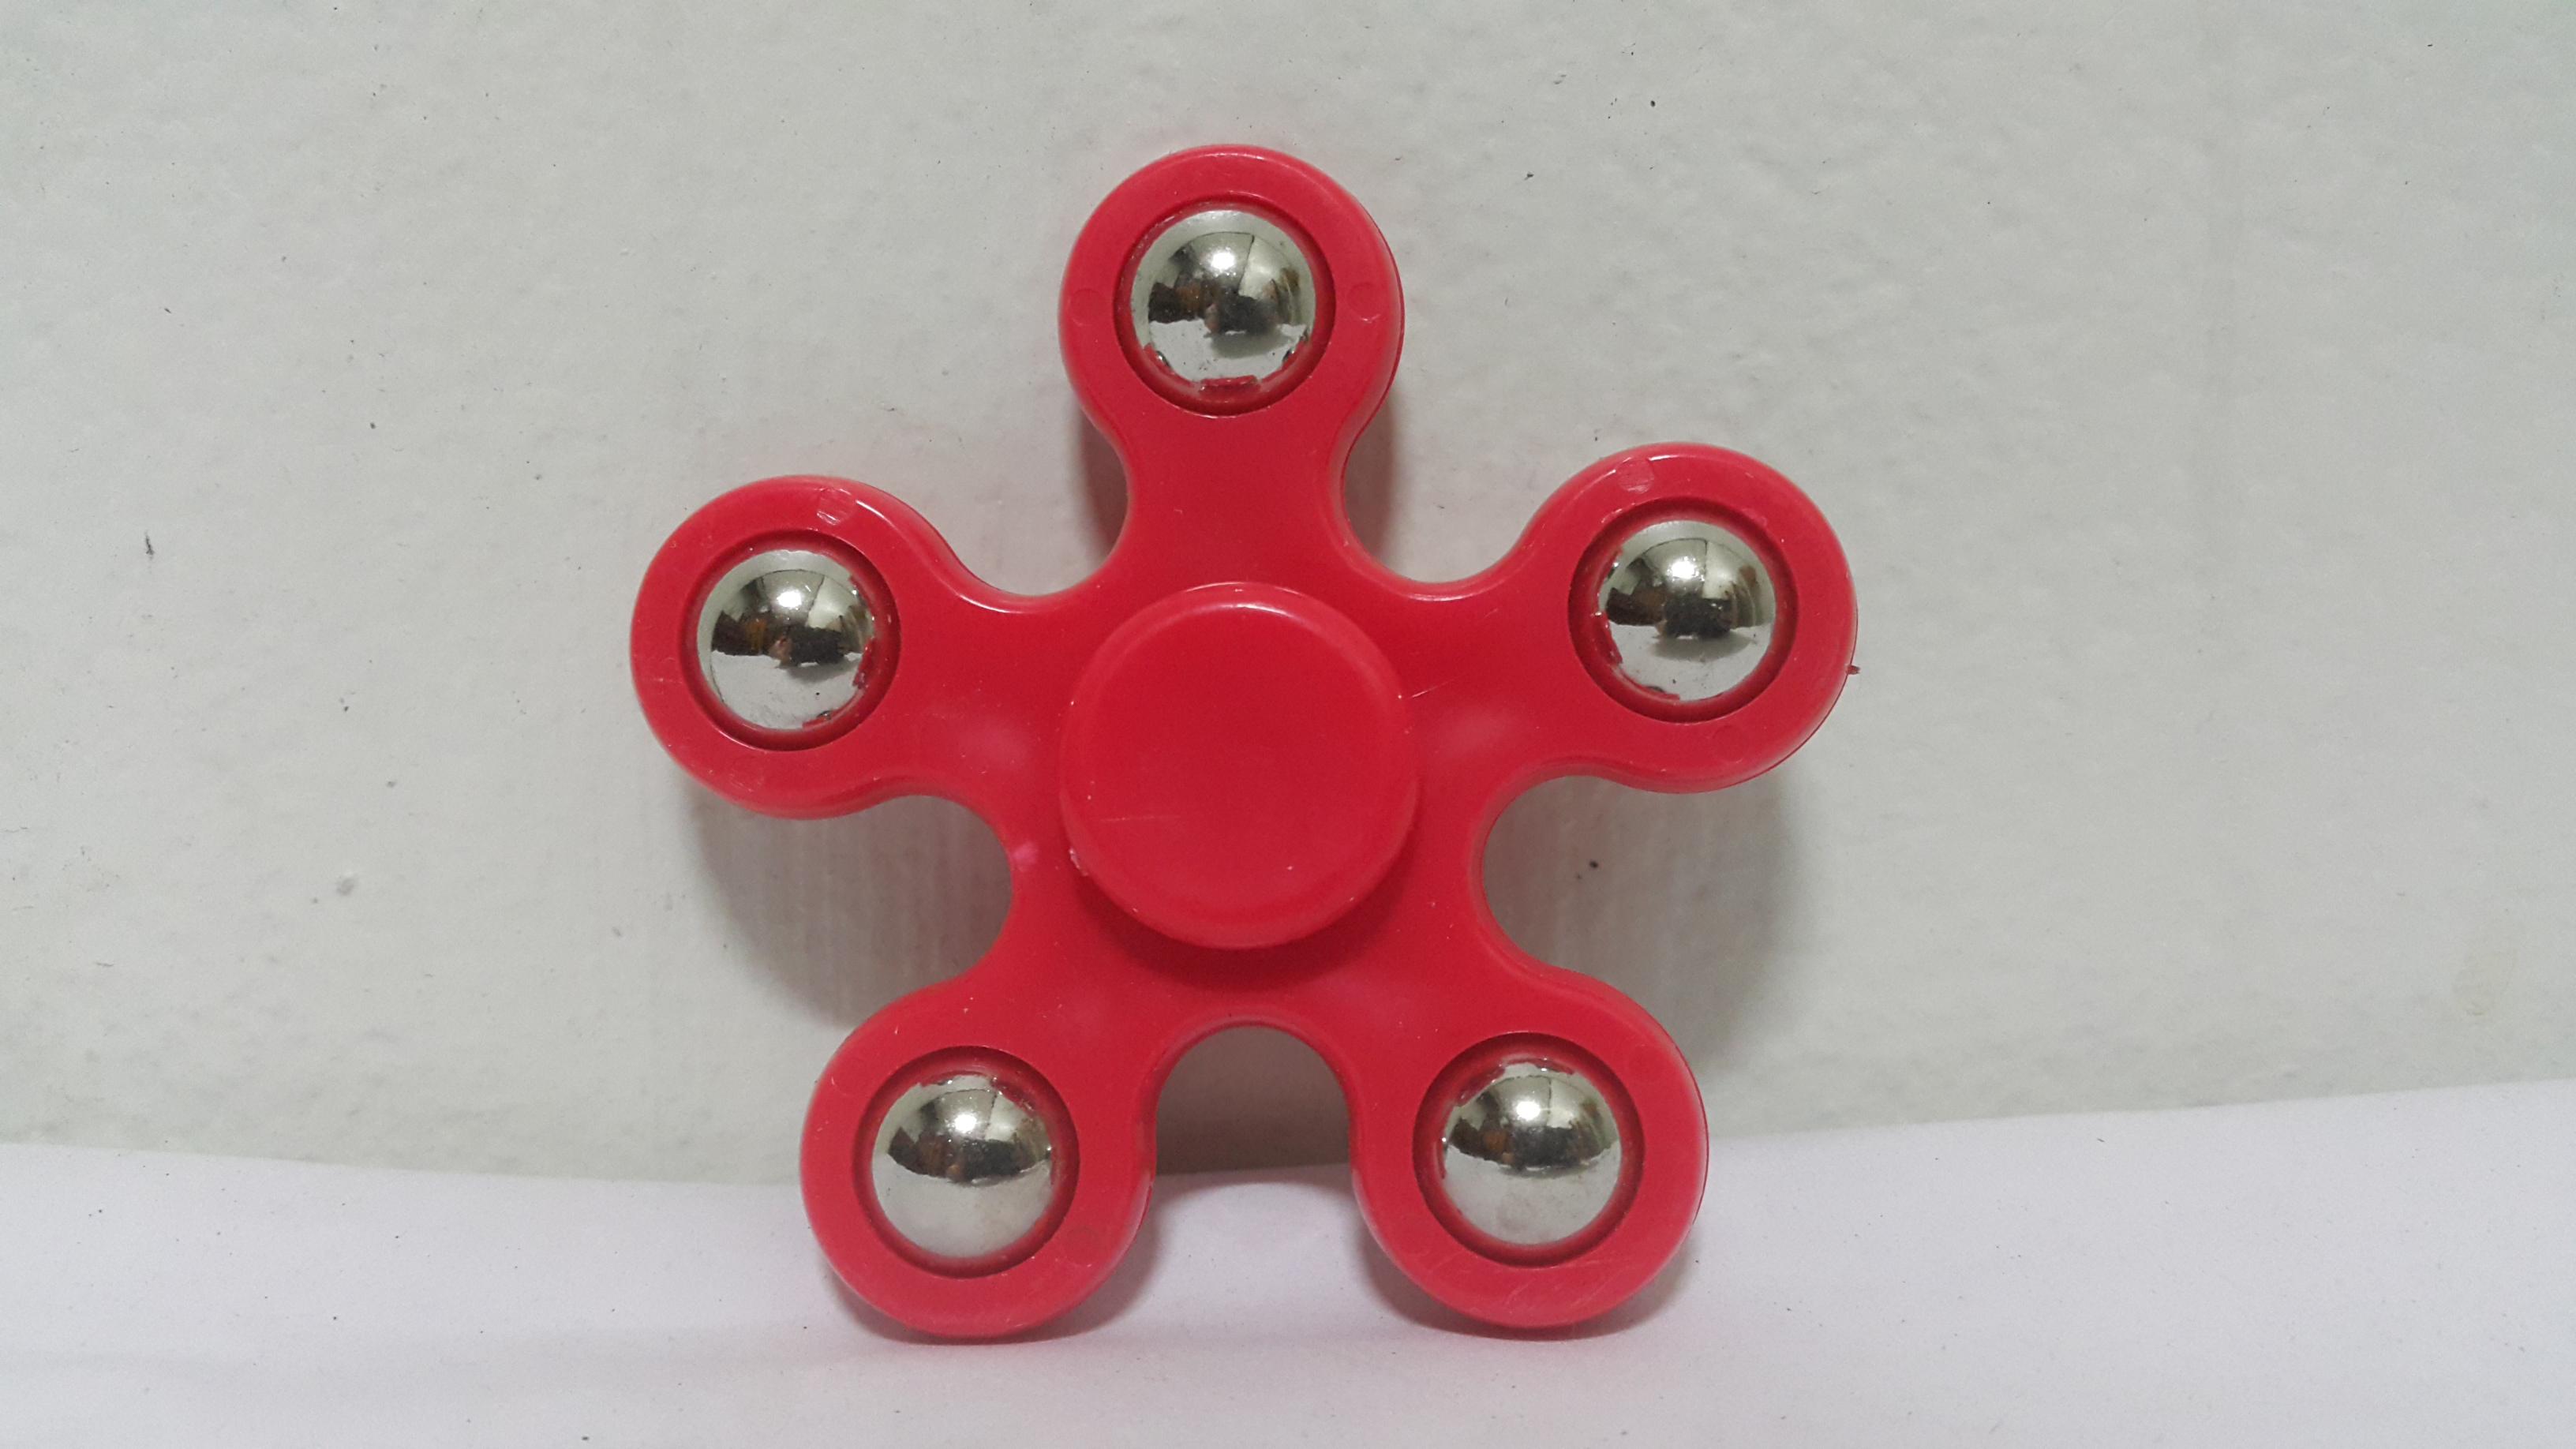 แฮนด์ สปินเนอร์ 5 แฉก (Hand Spinner) สีแดง